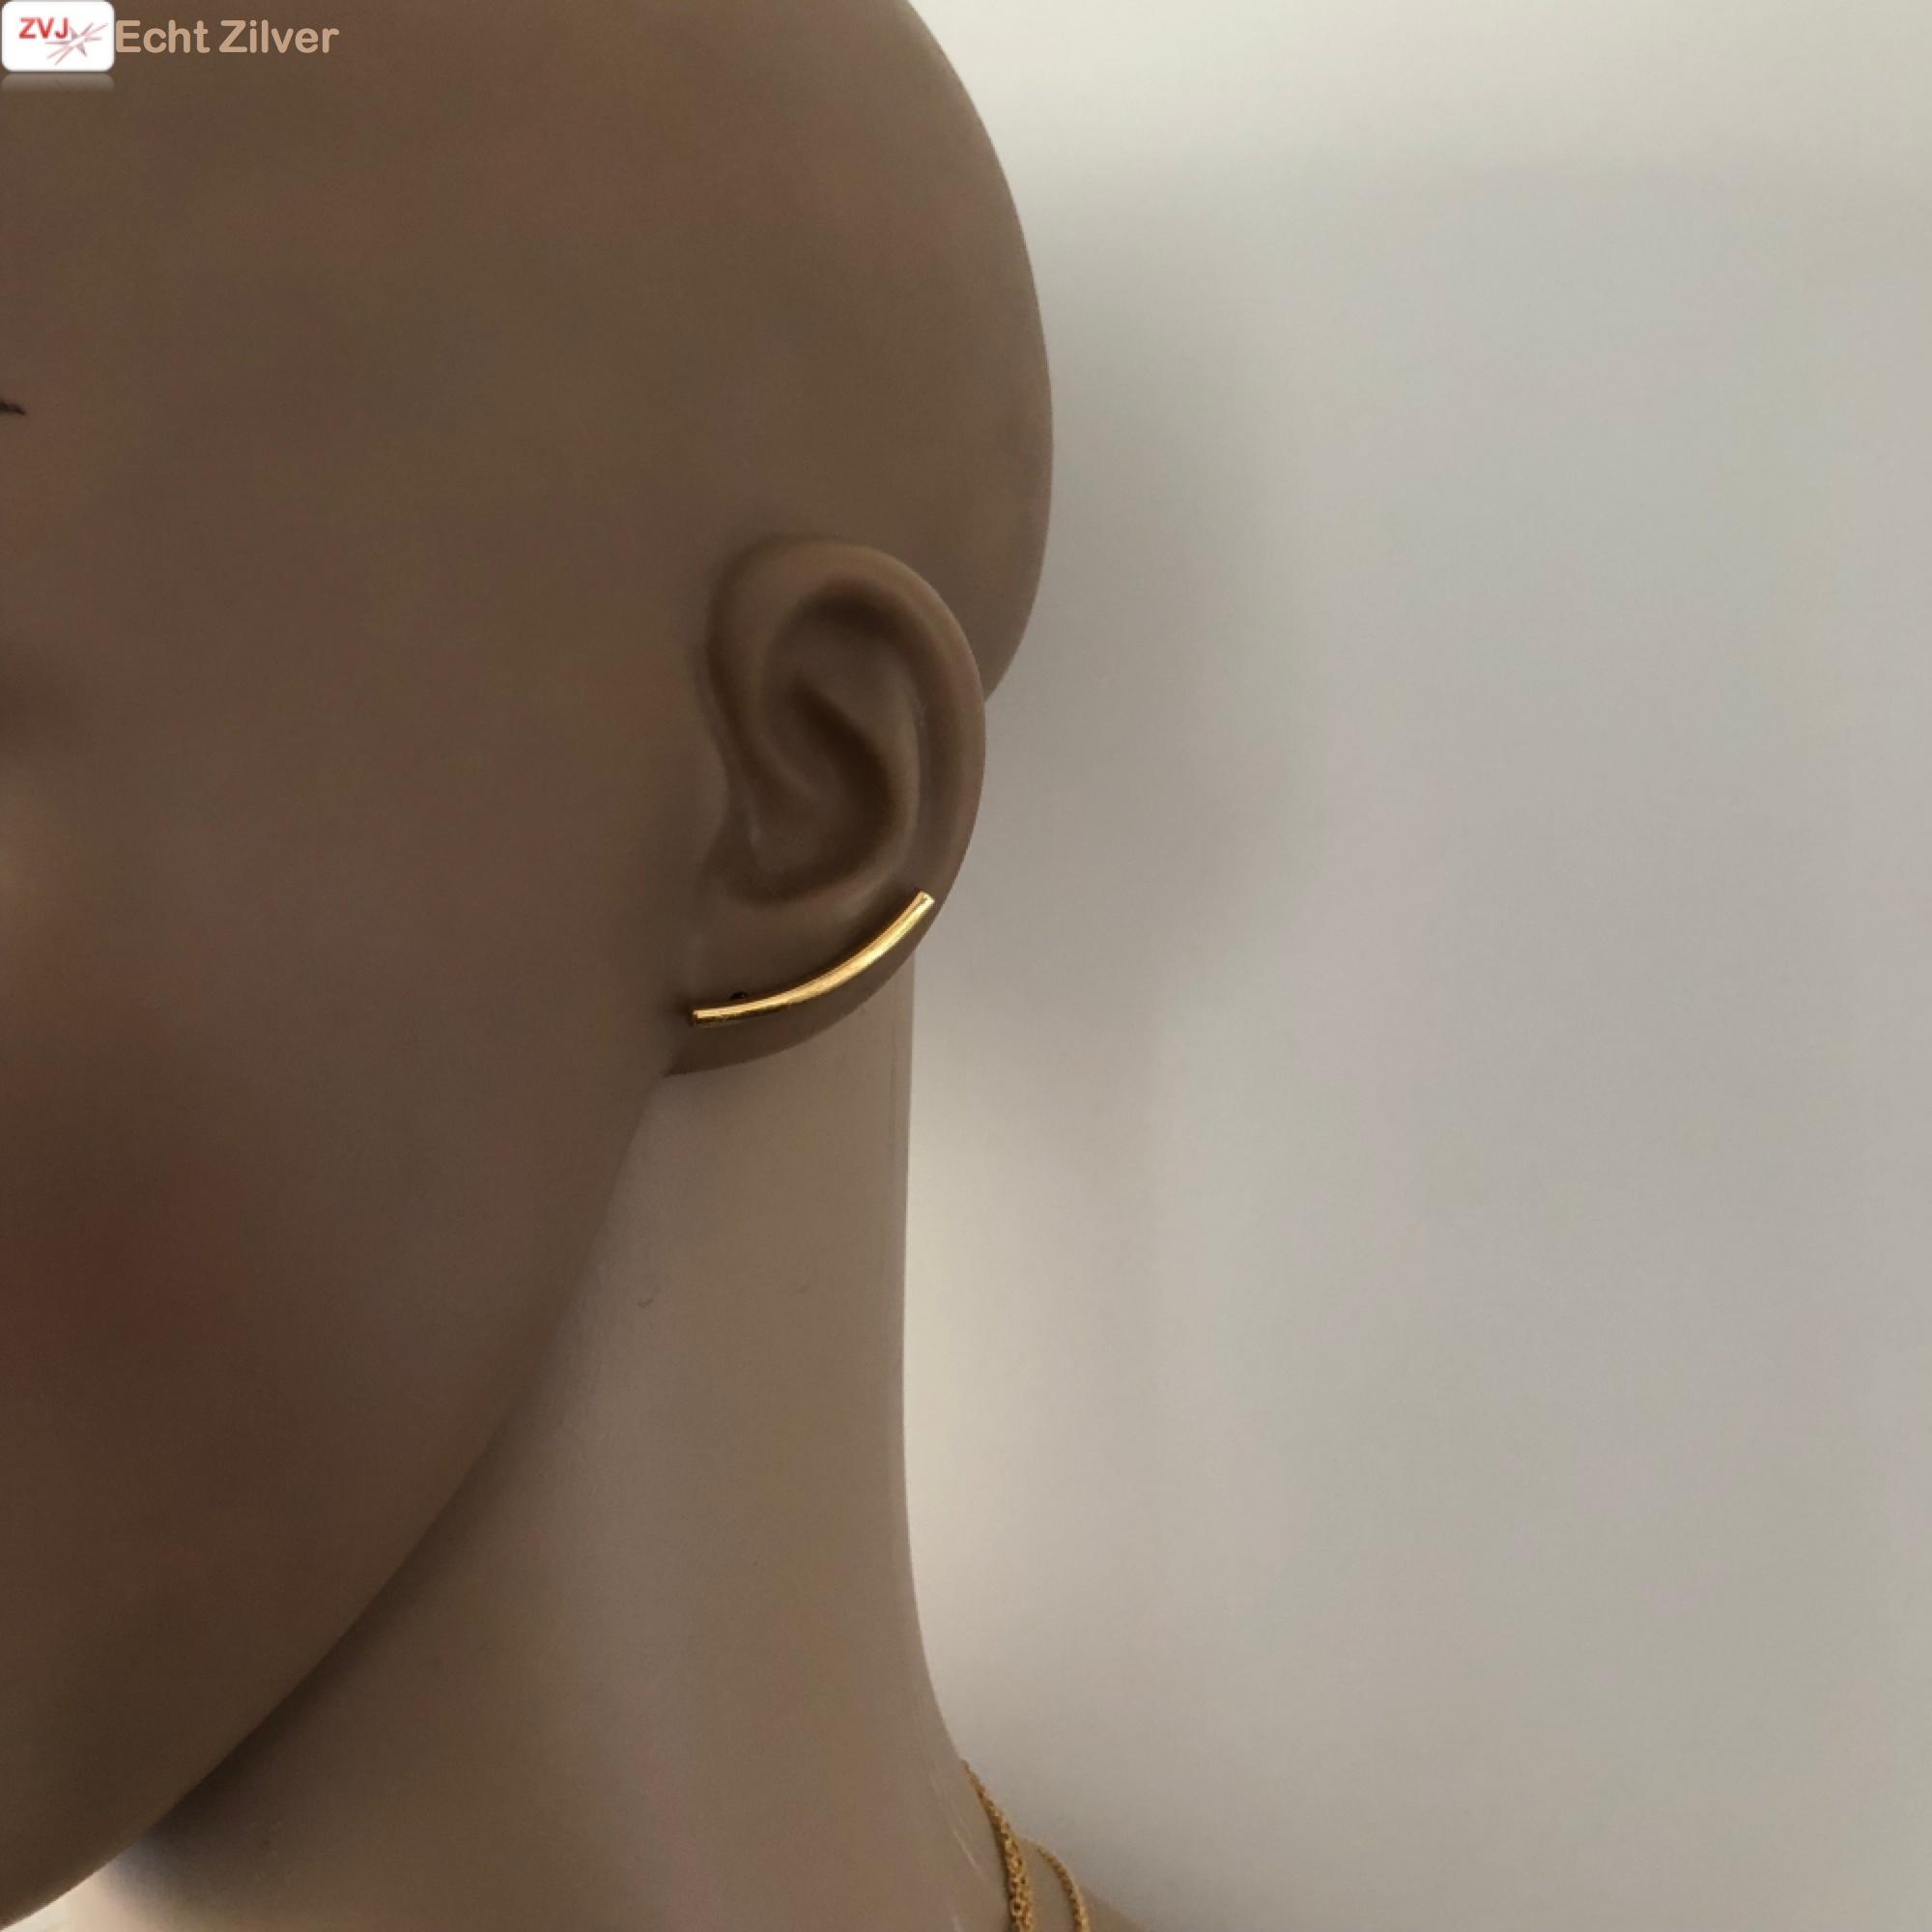 Goud op zilver strakke ear cuff oorklimmers-2